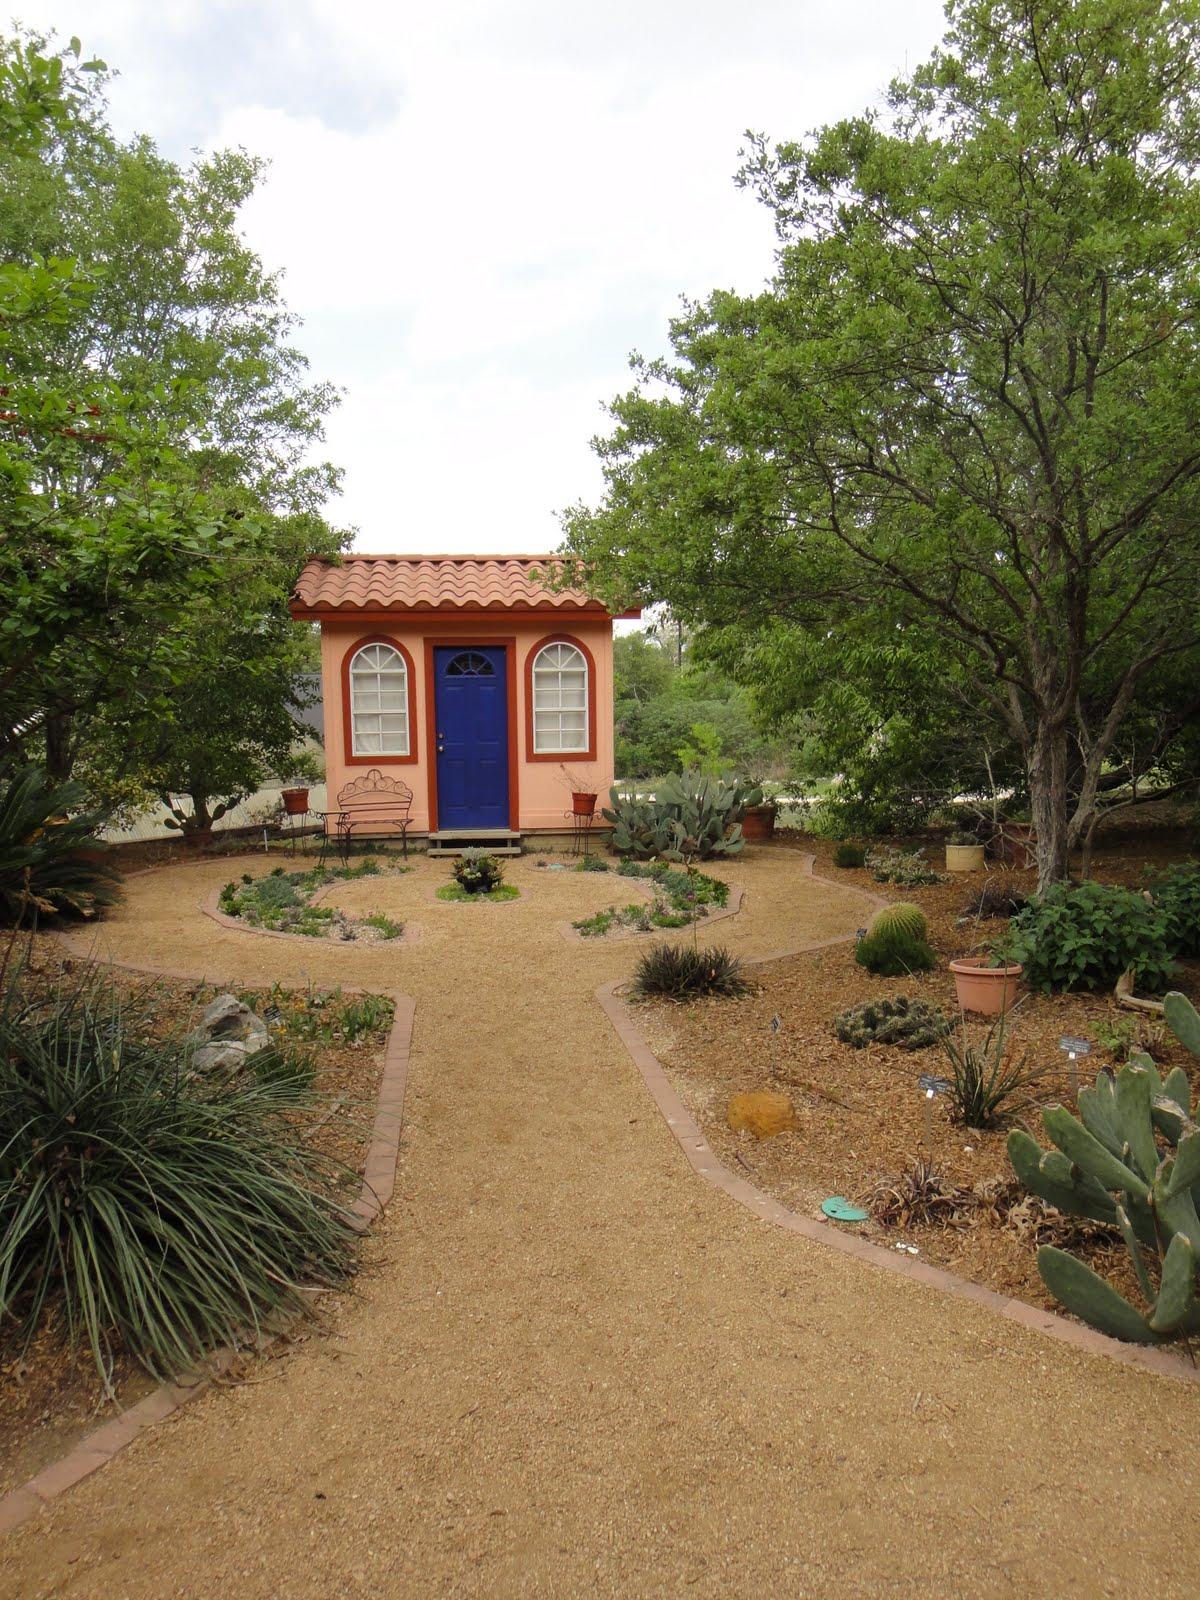 GardenKim: San Antonio Botanic Garden